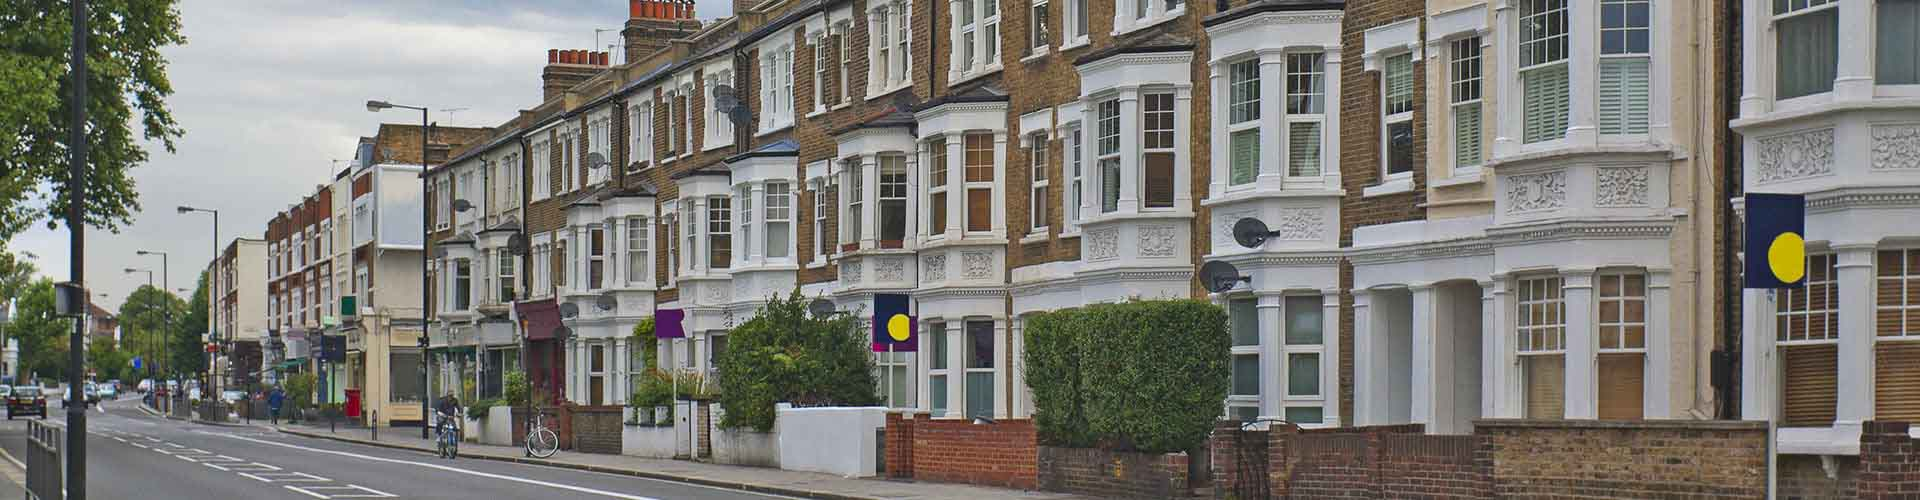 런던 - Fulham지역에 위치한 캠핑장. 런던의 지도, 런던에 위치한 캠핑장에 대한 사진 및 리뷰.